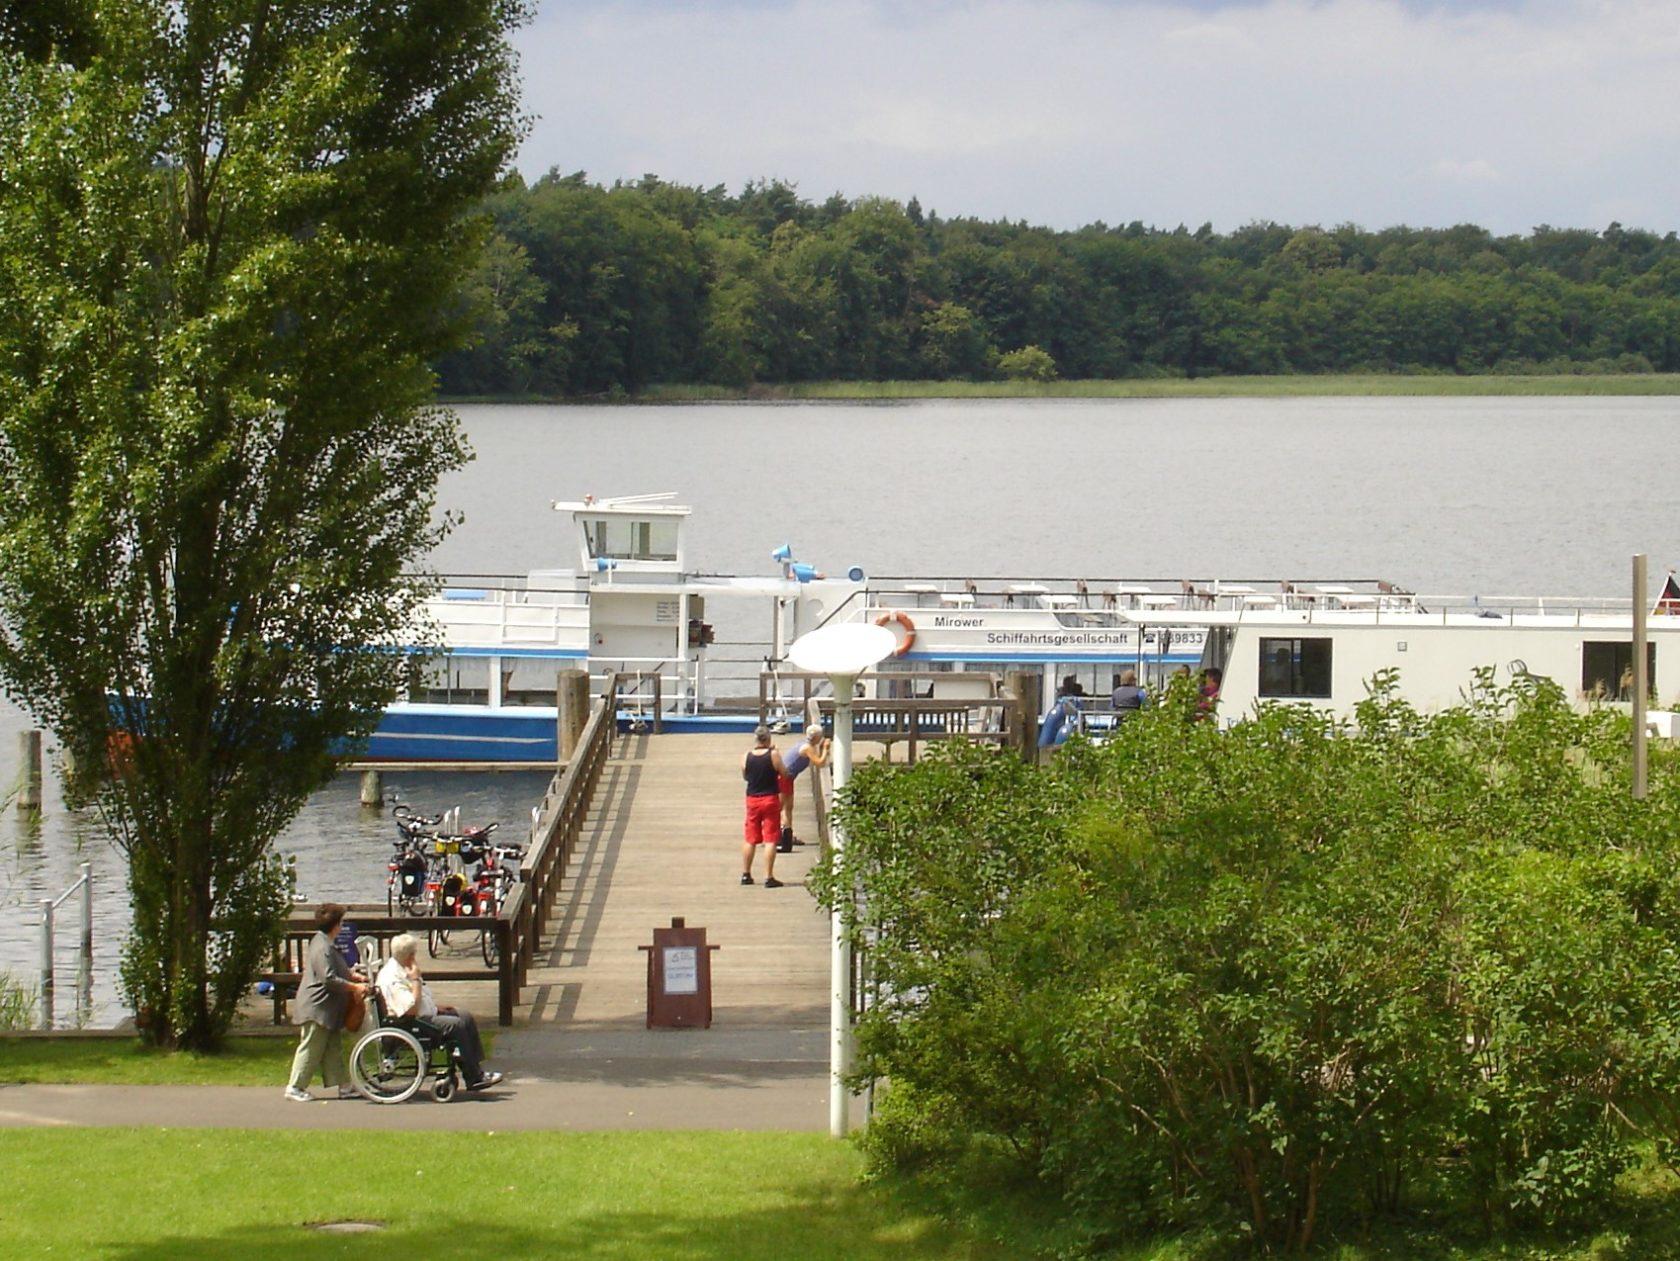 Blick vom Hotel auf den Grienericksee und ein Fahrgastschiff